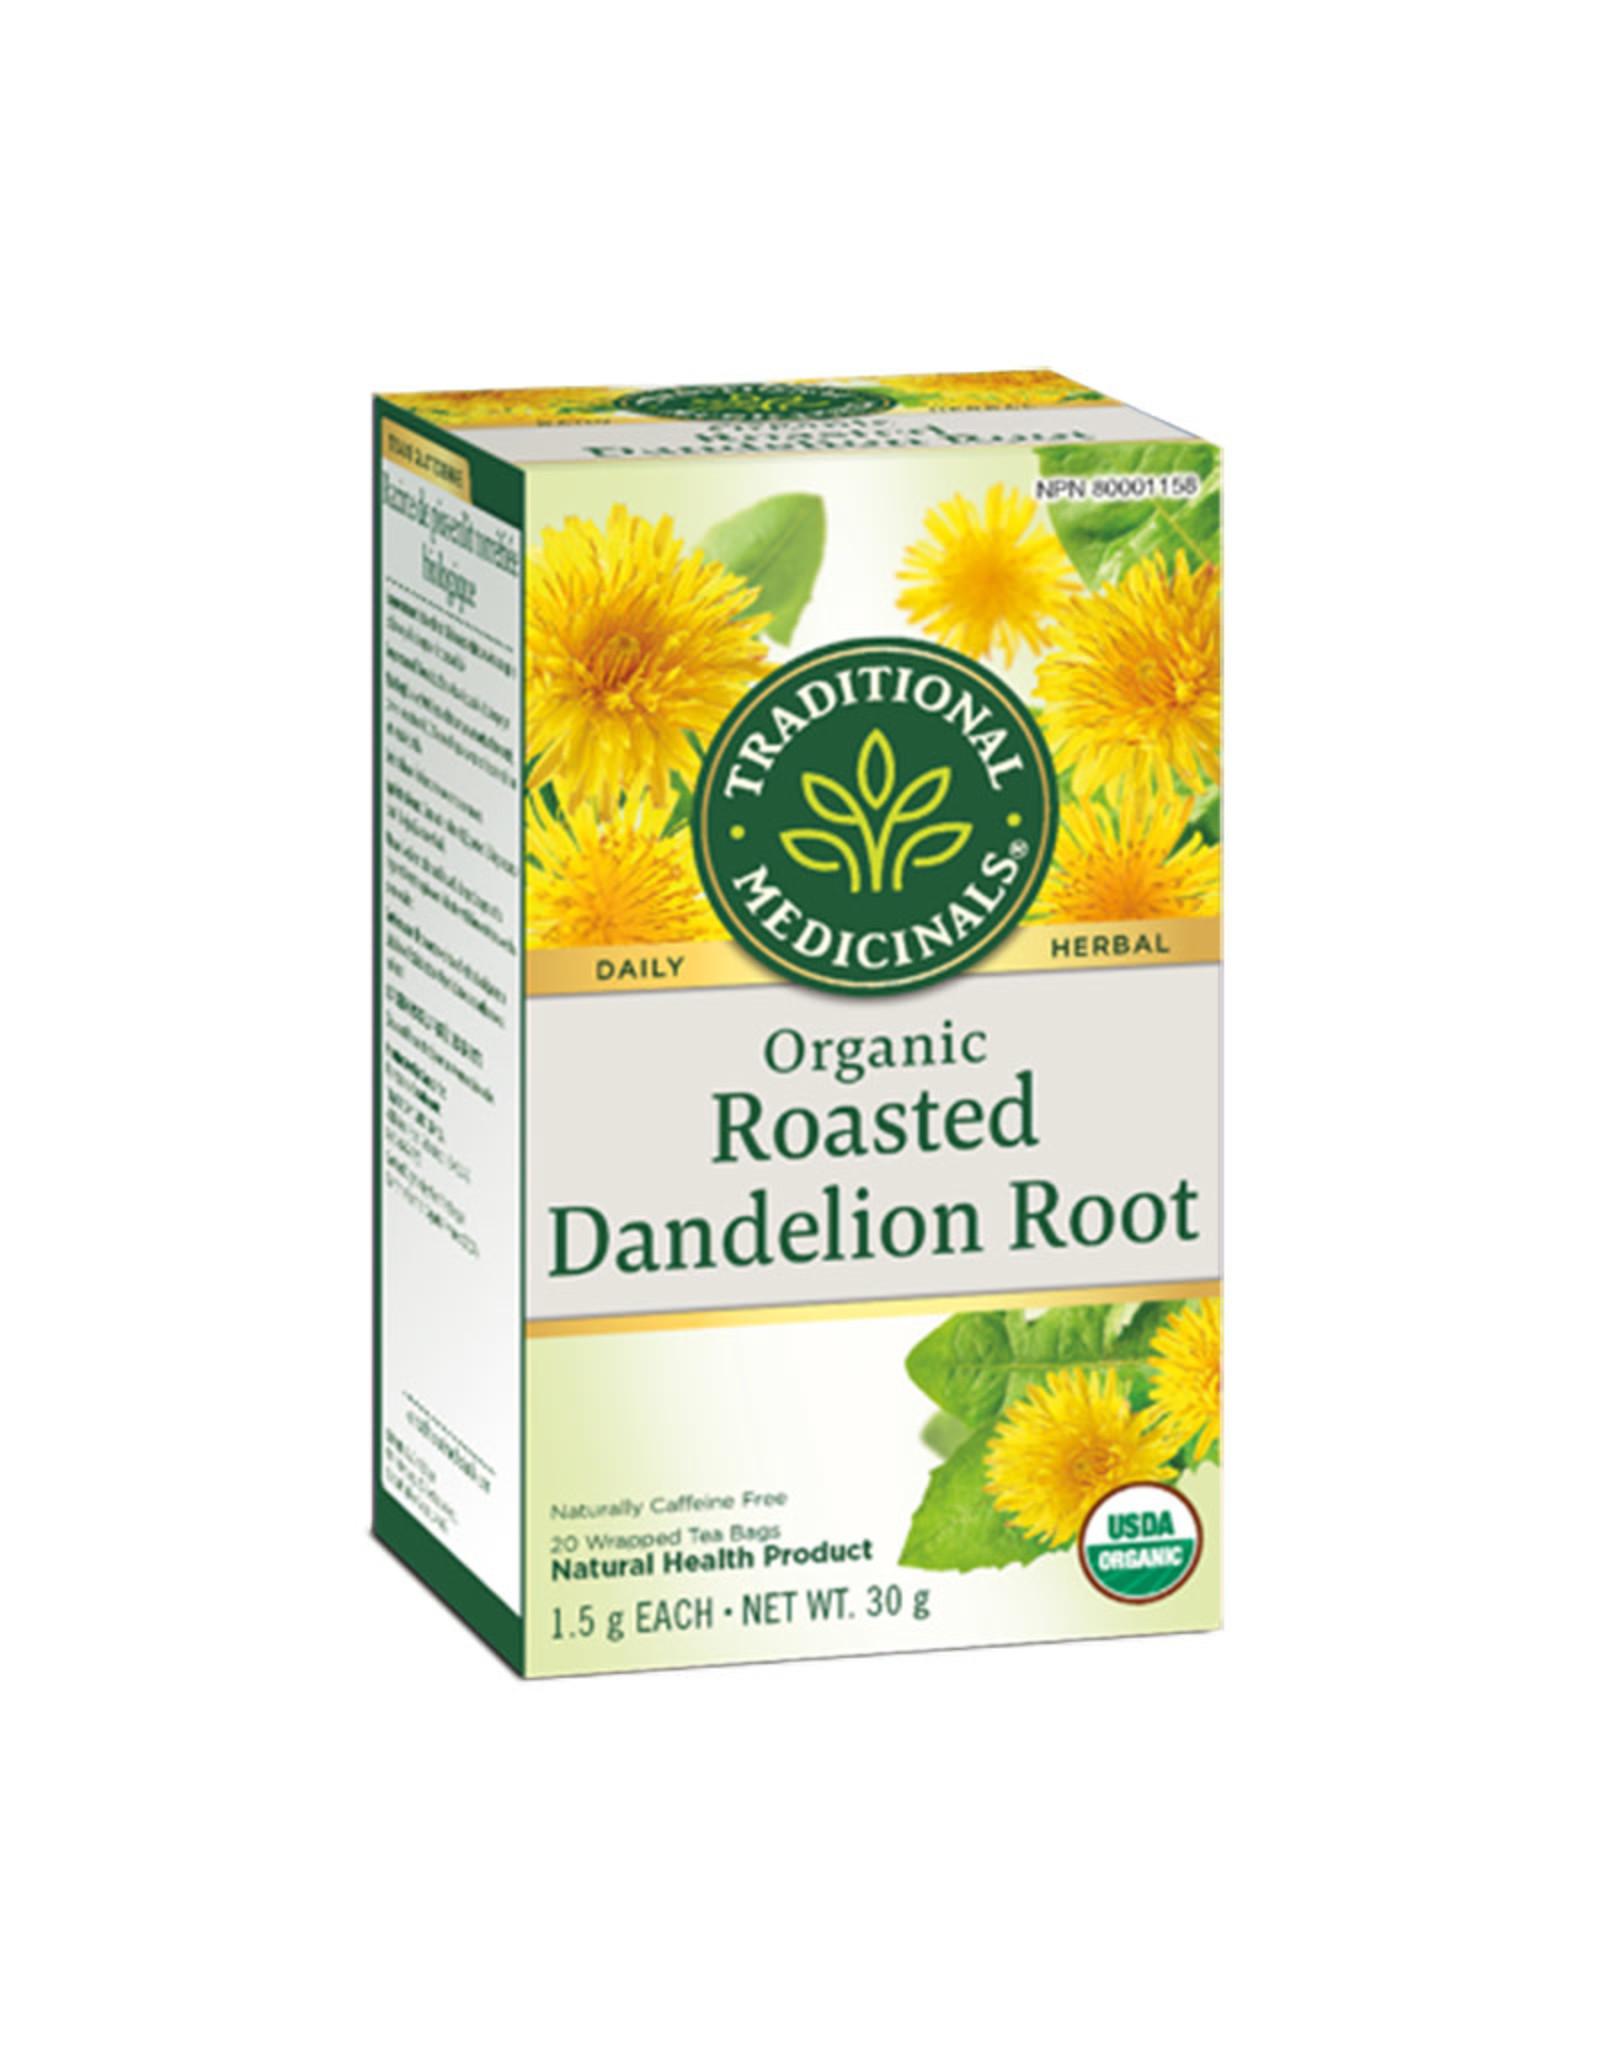 Traditional Medicinals Traditional Medicinals - Herbal Tea, Organic Roasted Dandelion Root